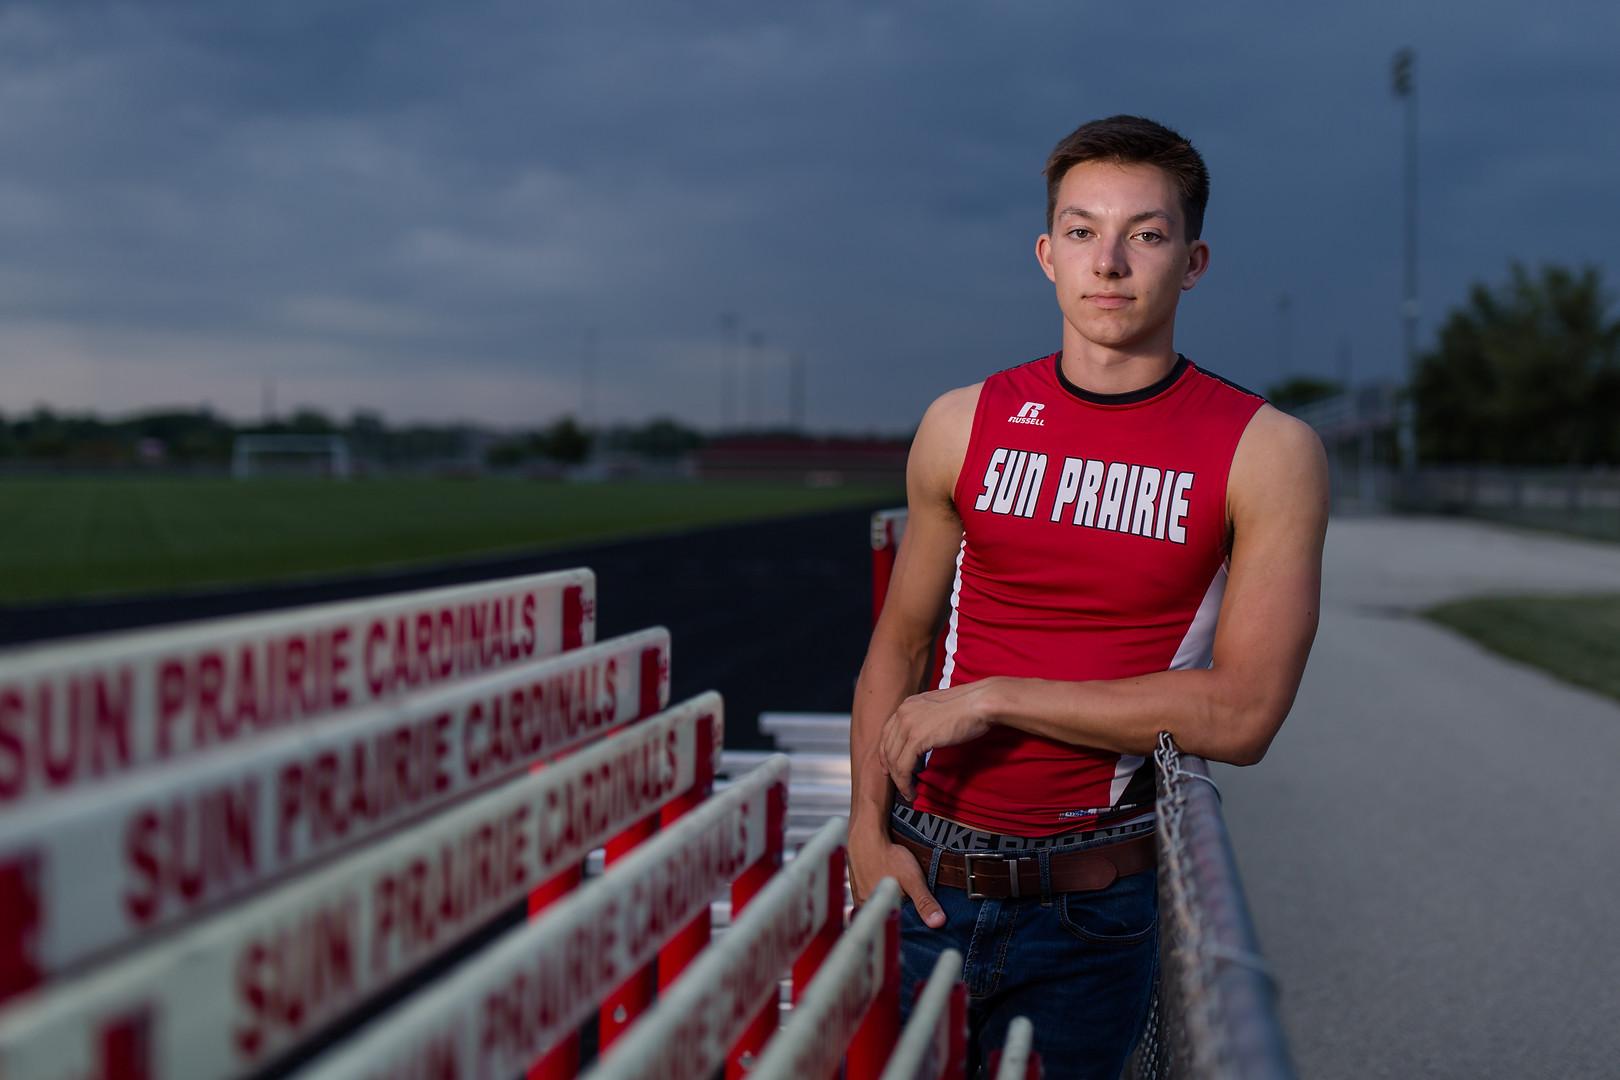 senior photo at sun prairie high school track